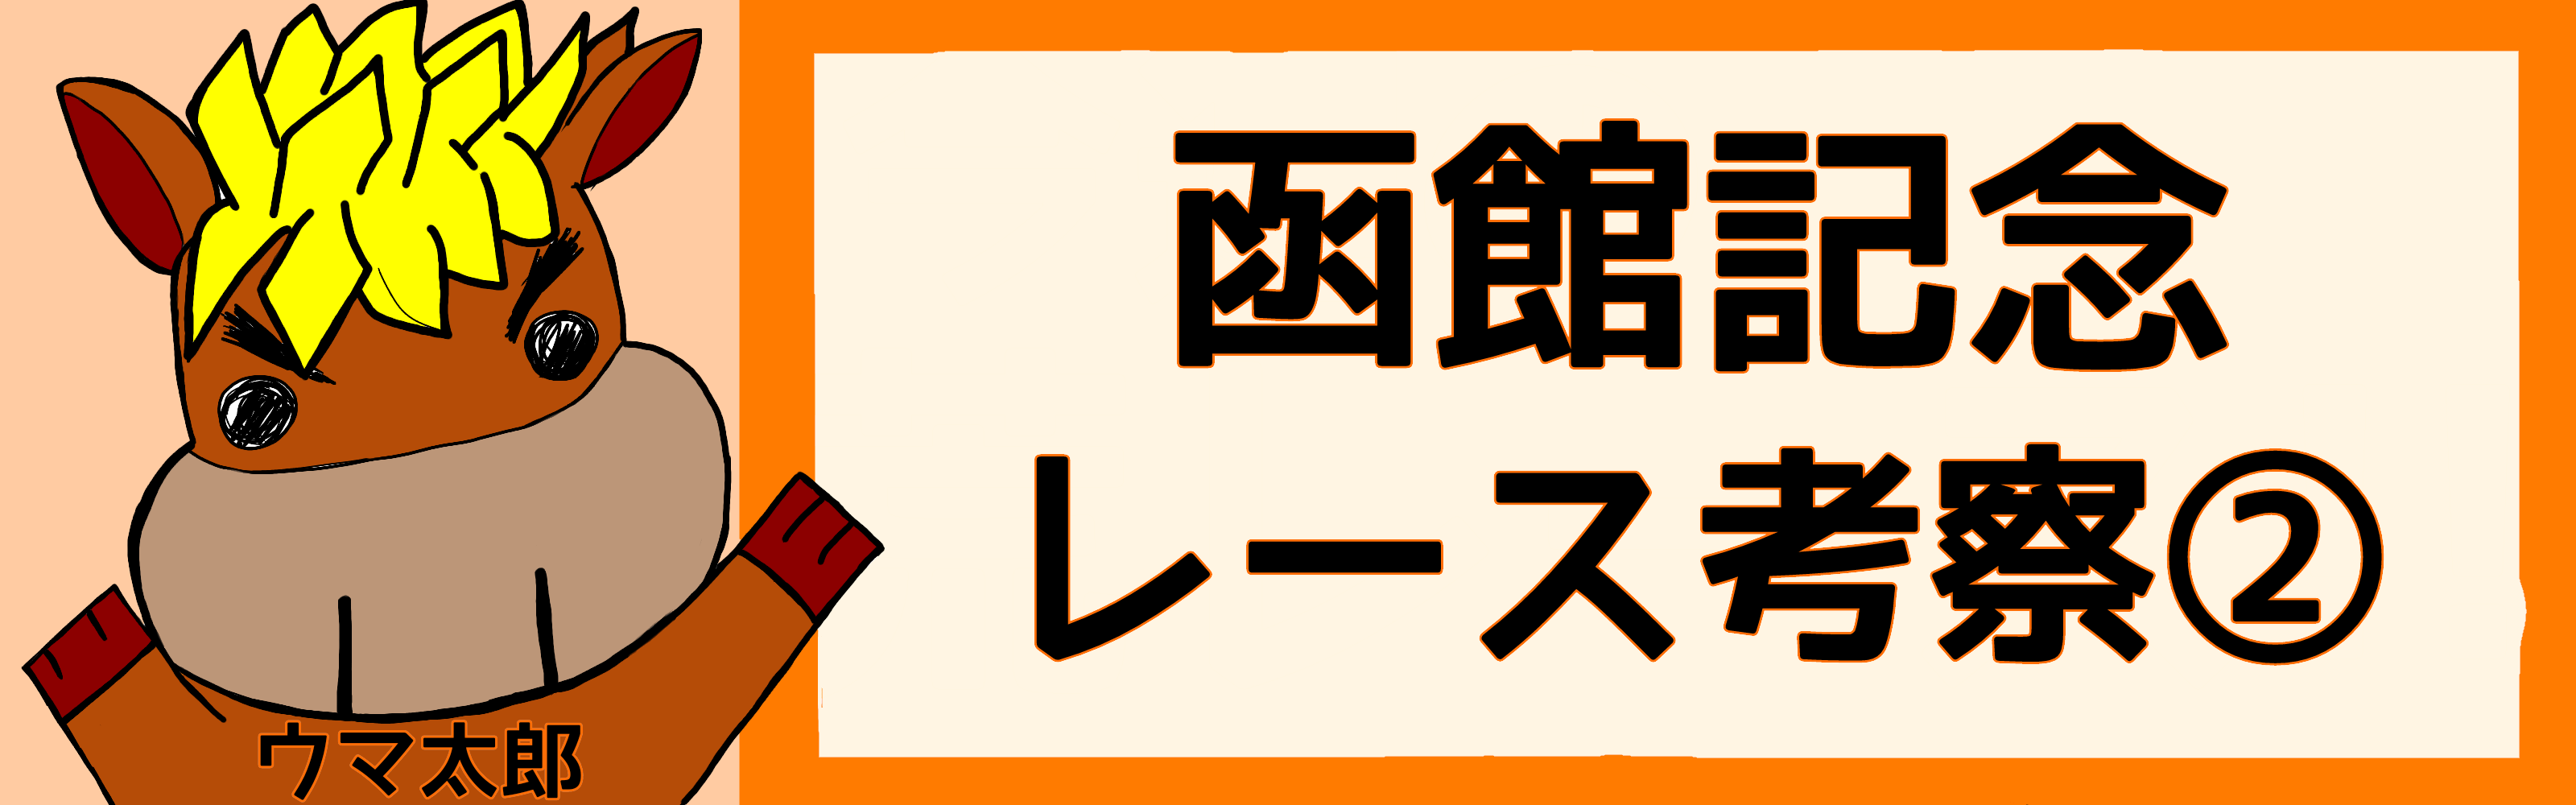 函館記念 レース考察②